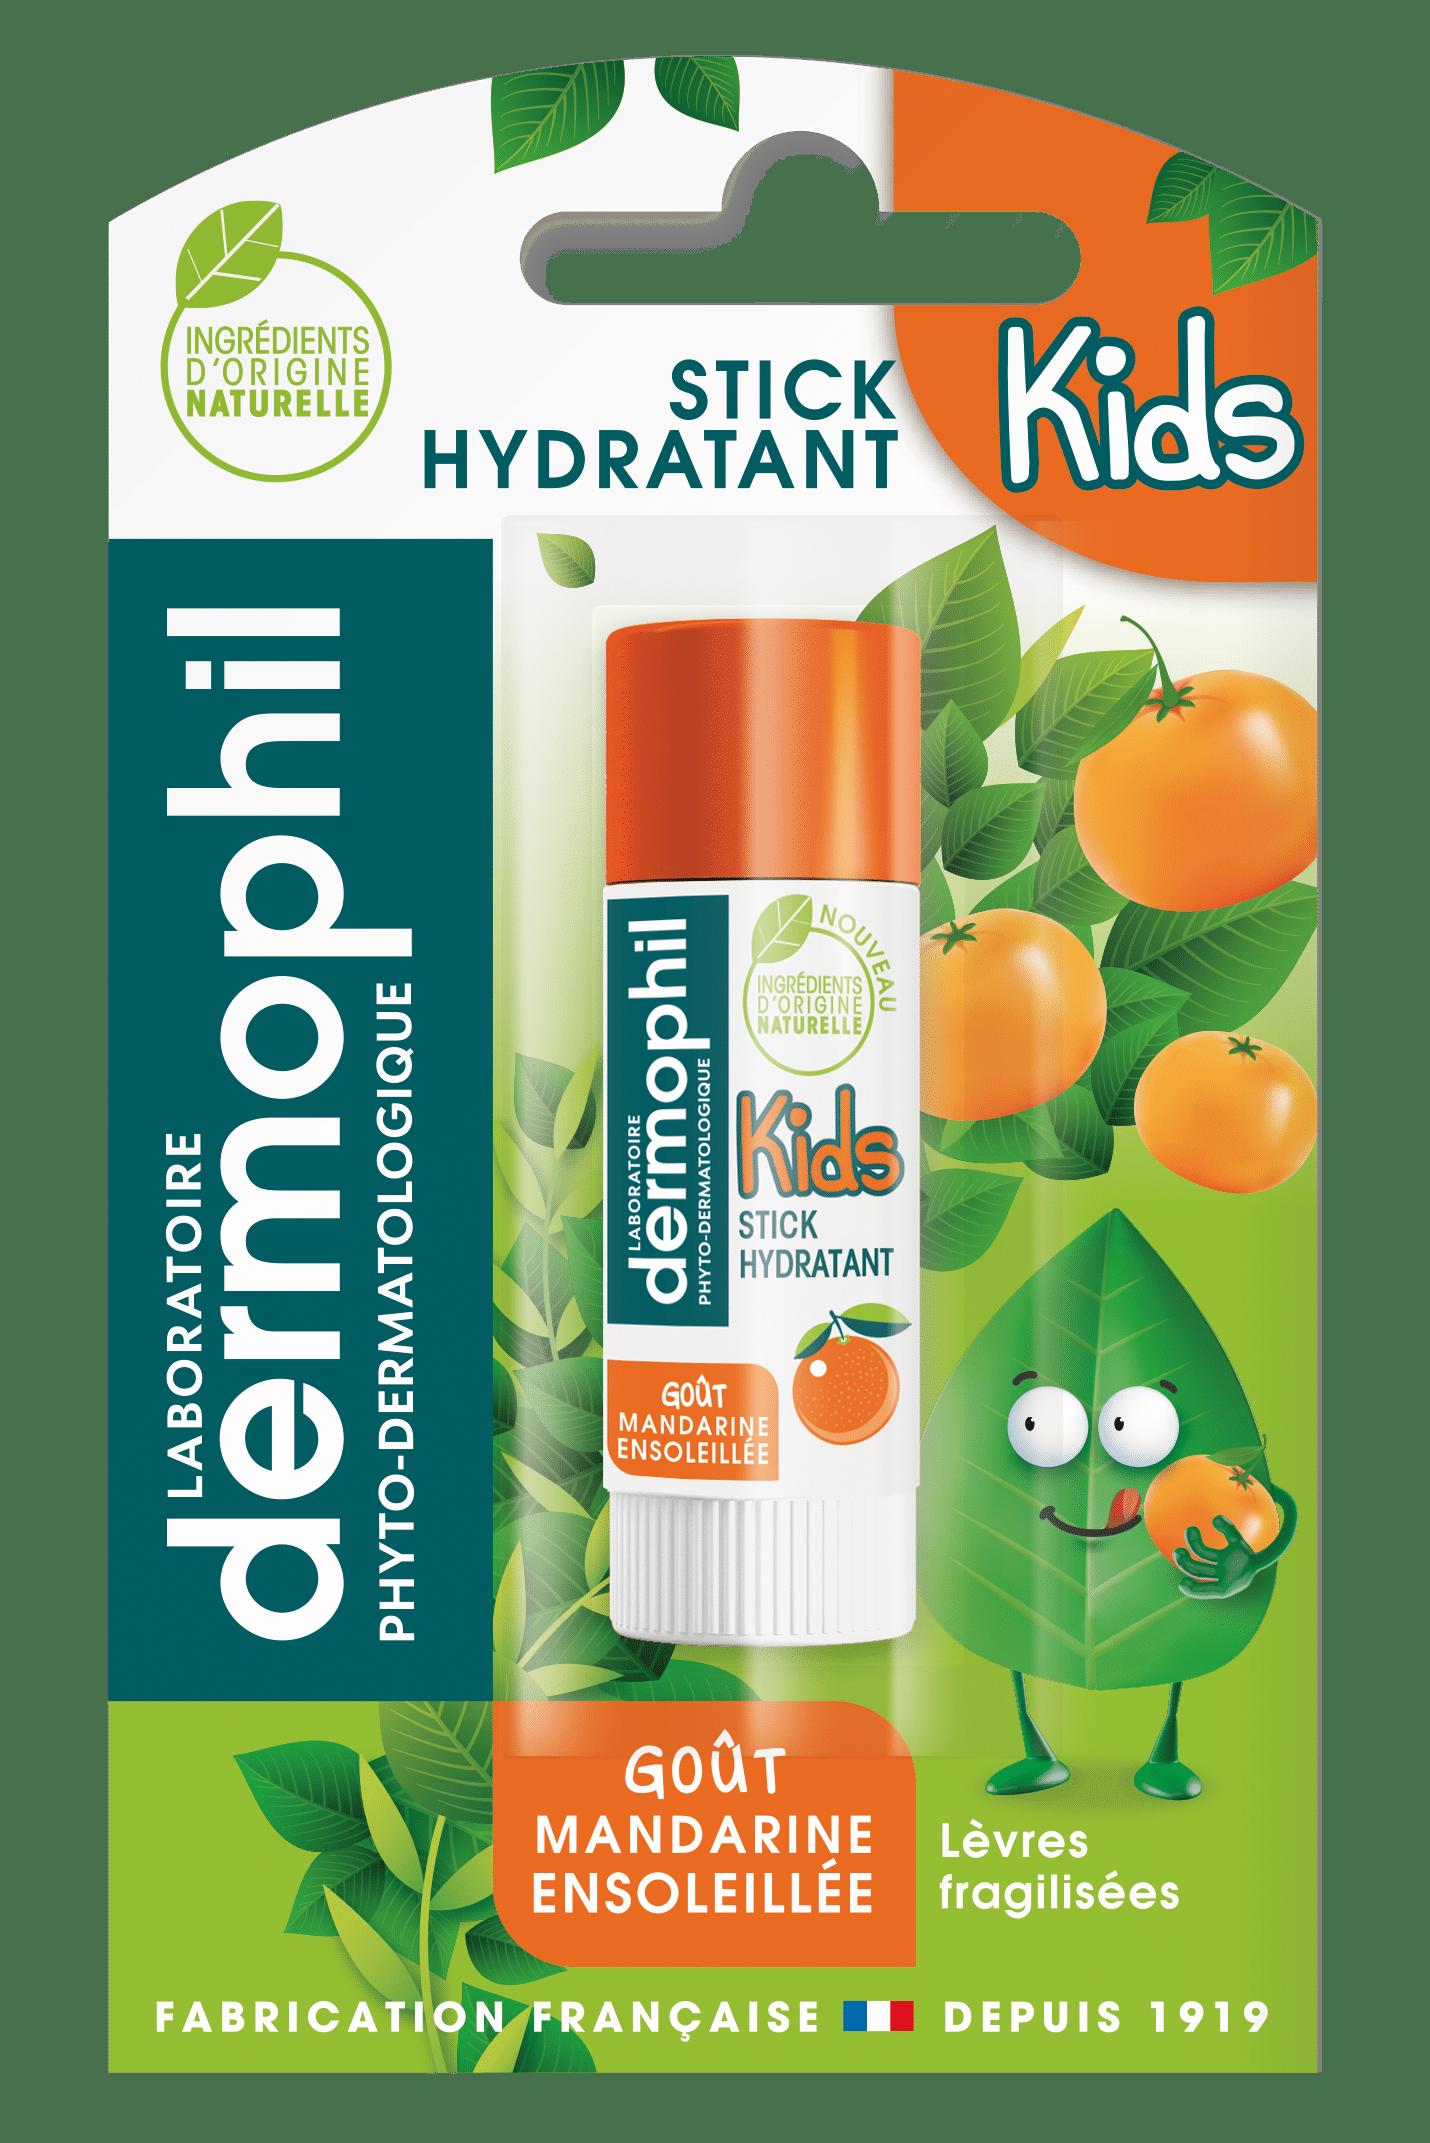 Soin des lèvres - Produits vendus en grande surface - Stick Mandarine Ensoleillée - Dermophil